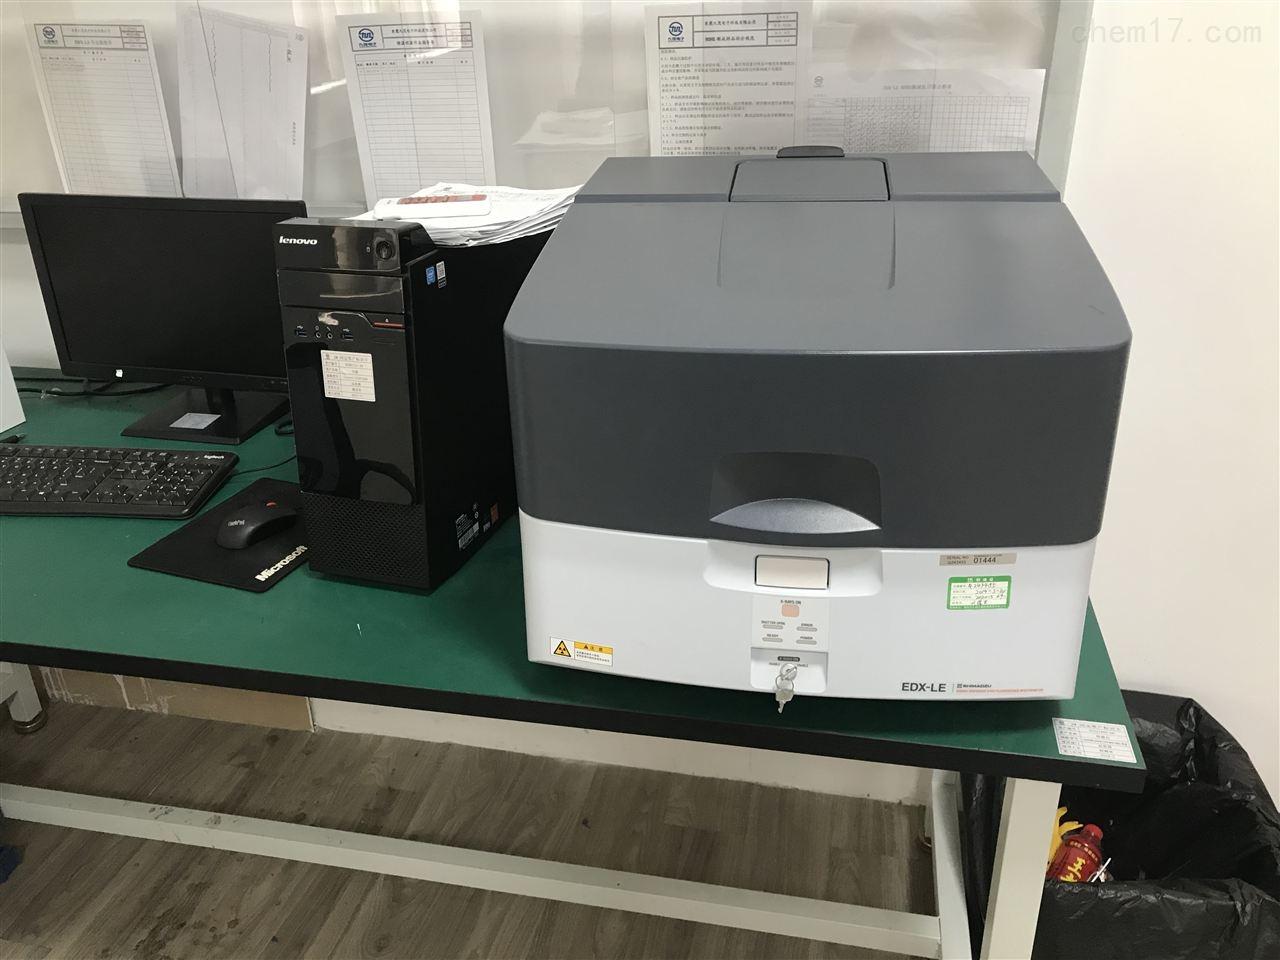 岛津EDX-700|EDX-720|EDX-GP维修|回收。